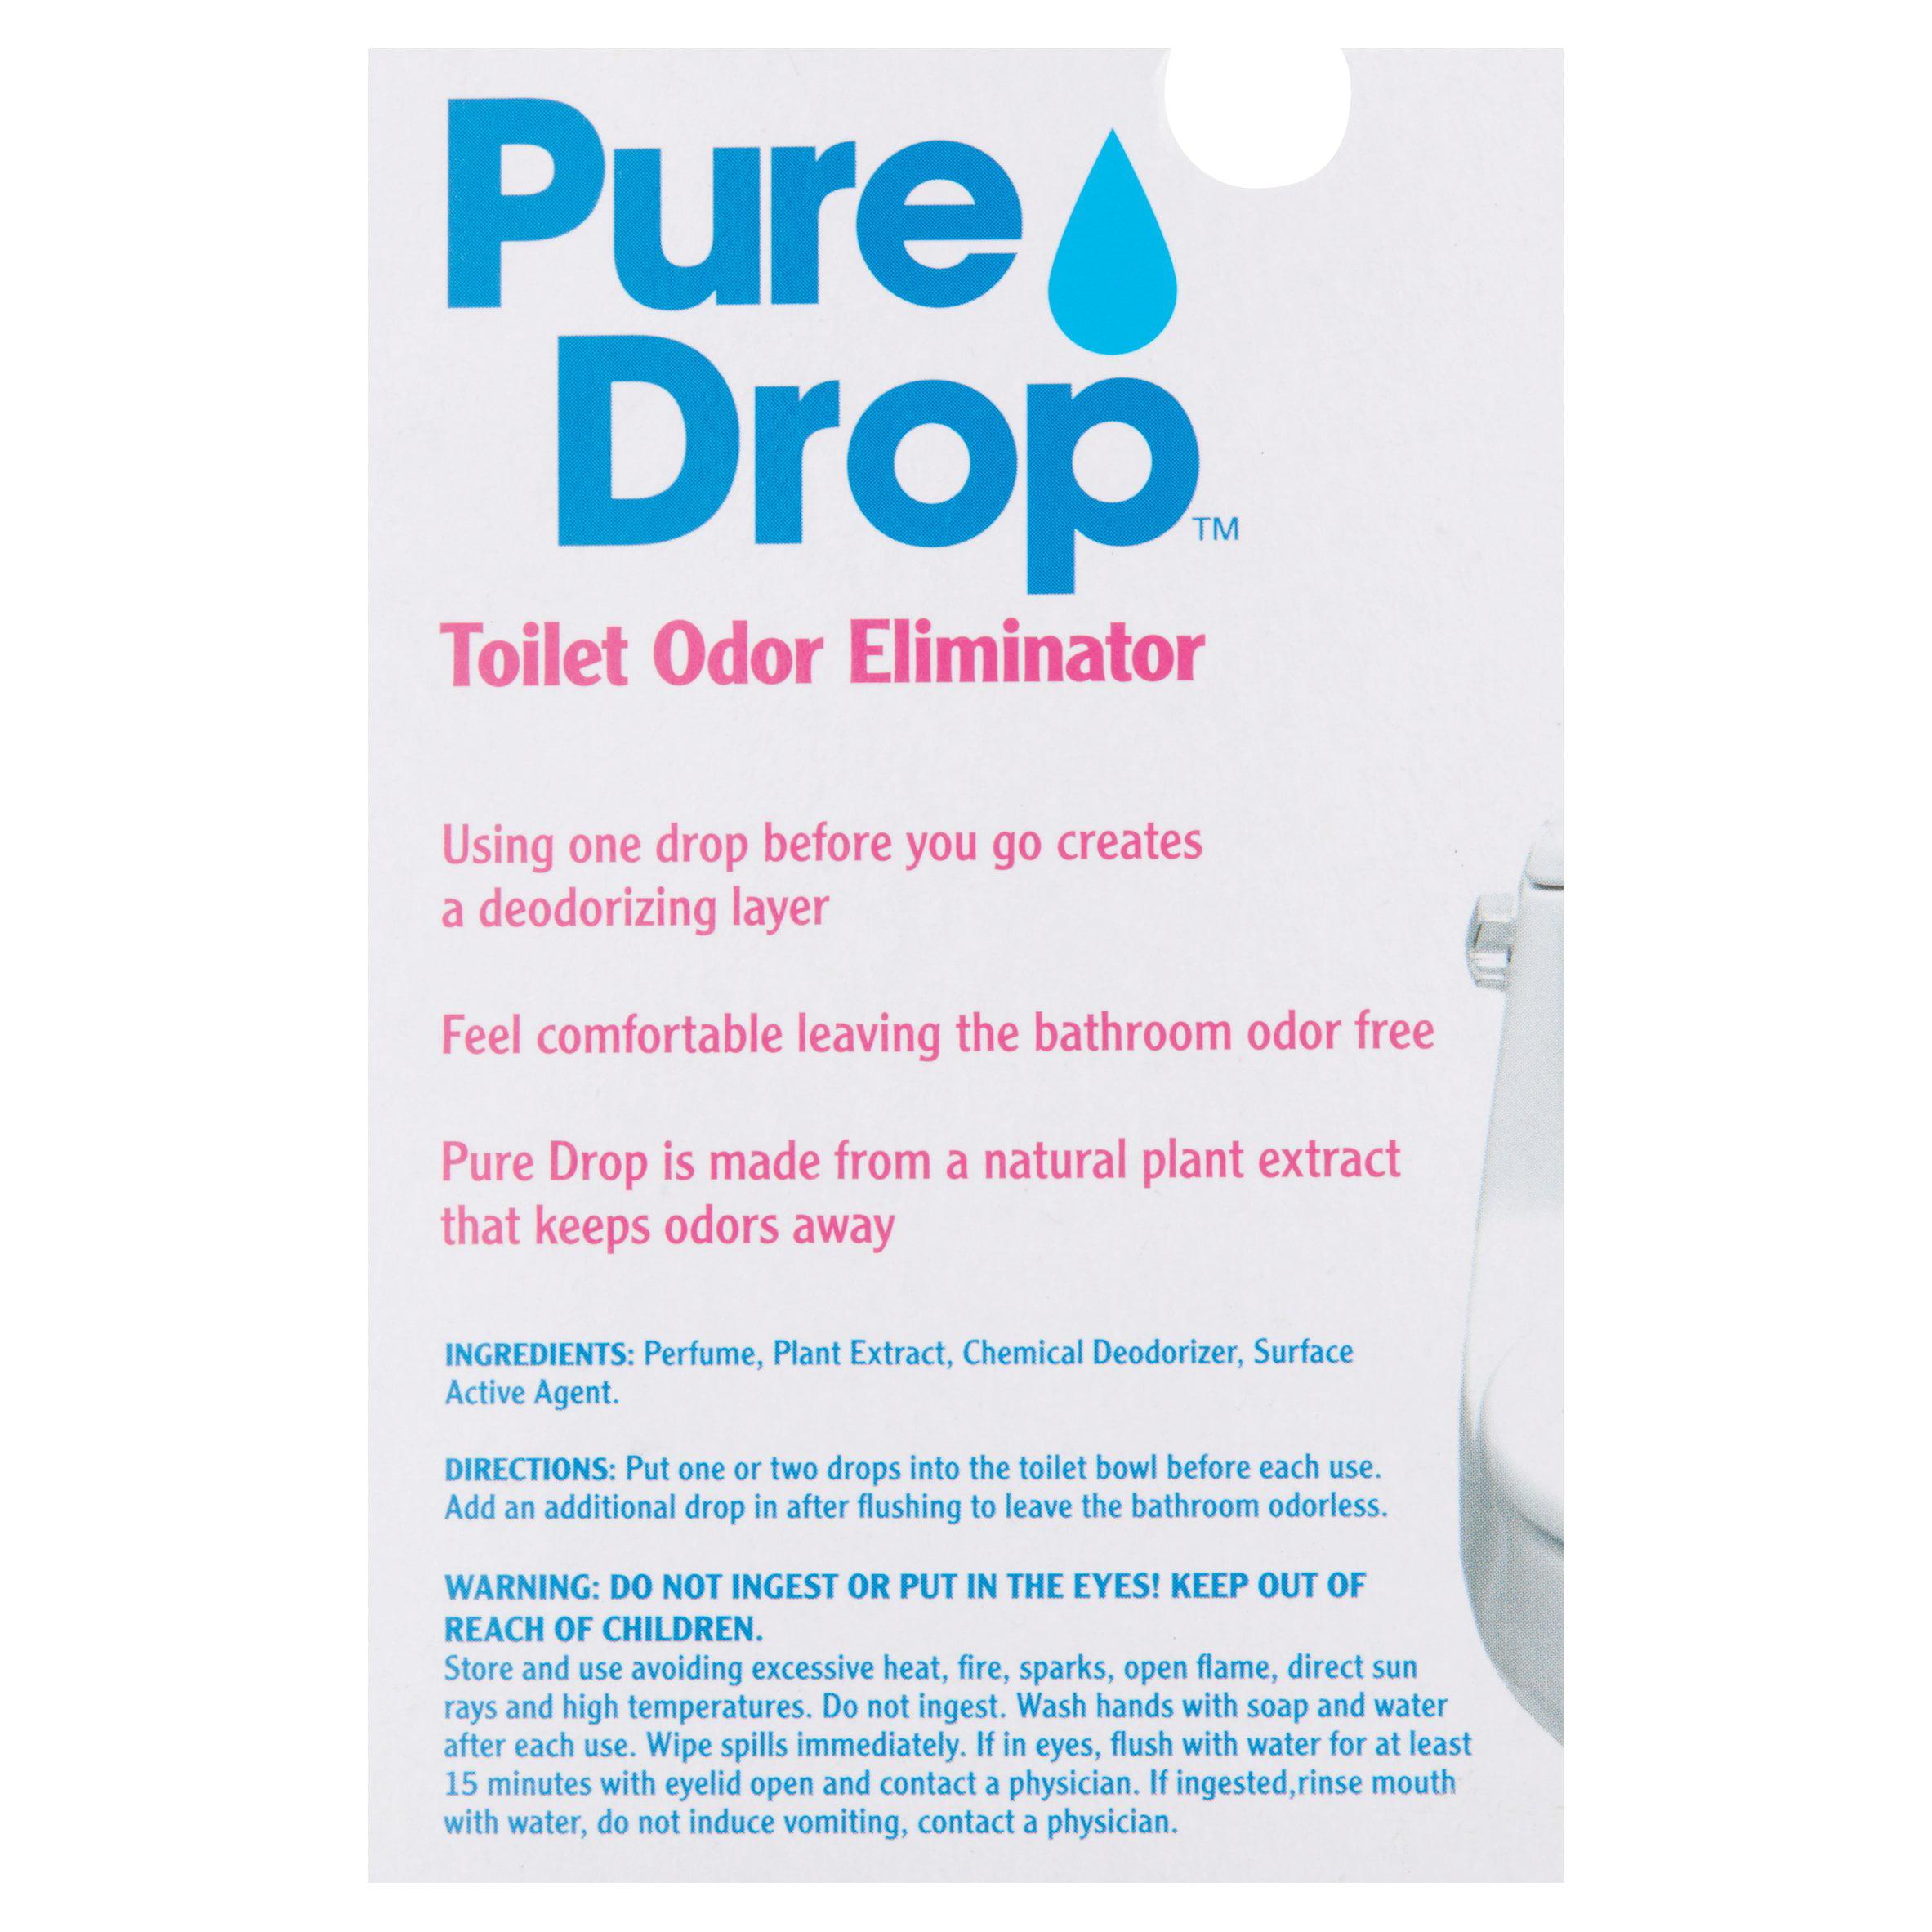 Pure Drop Toilet Odor Eliminator, 0.67 Fl Oz   Walmart.com